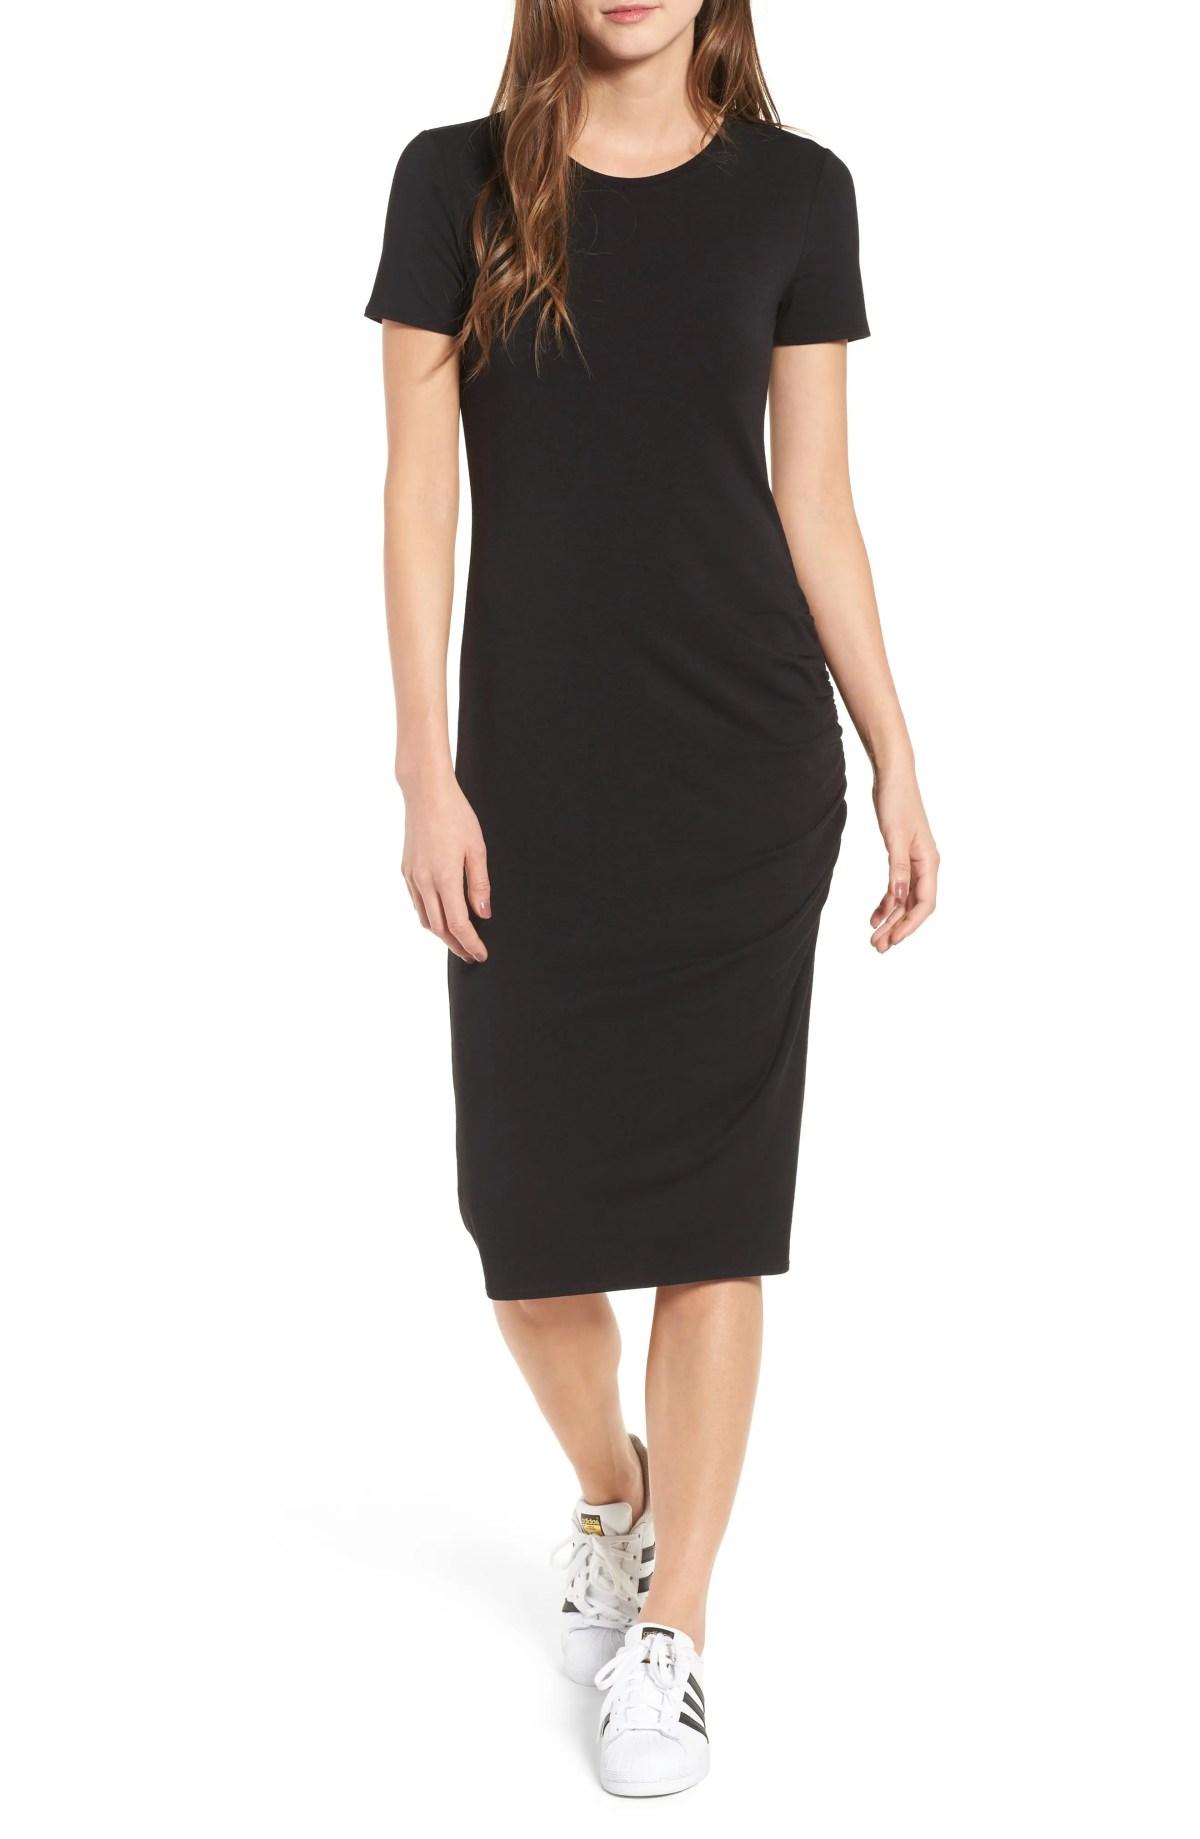 TREASURE & BOND Side Ruched Body-Con Dress, Main, color, BLACK